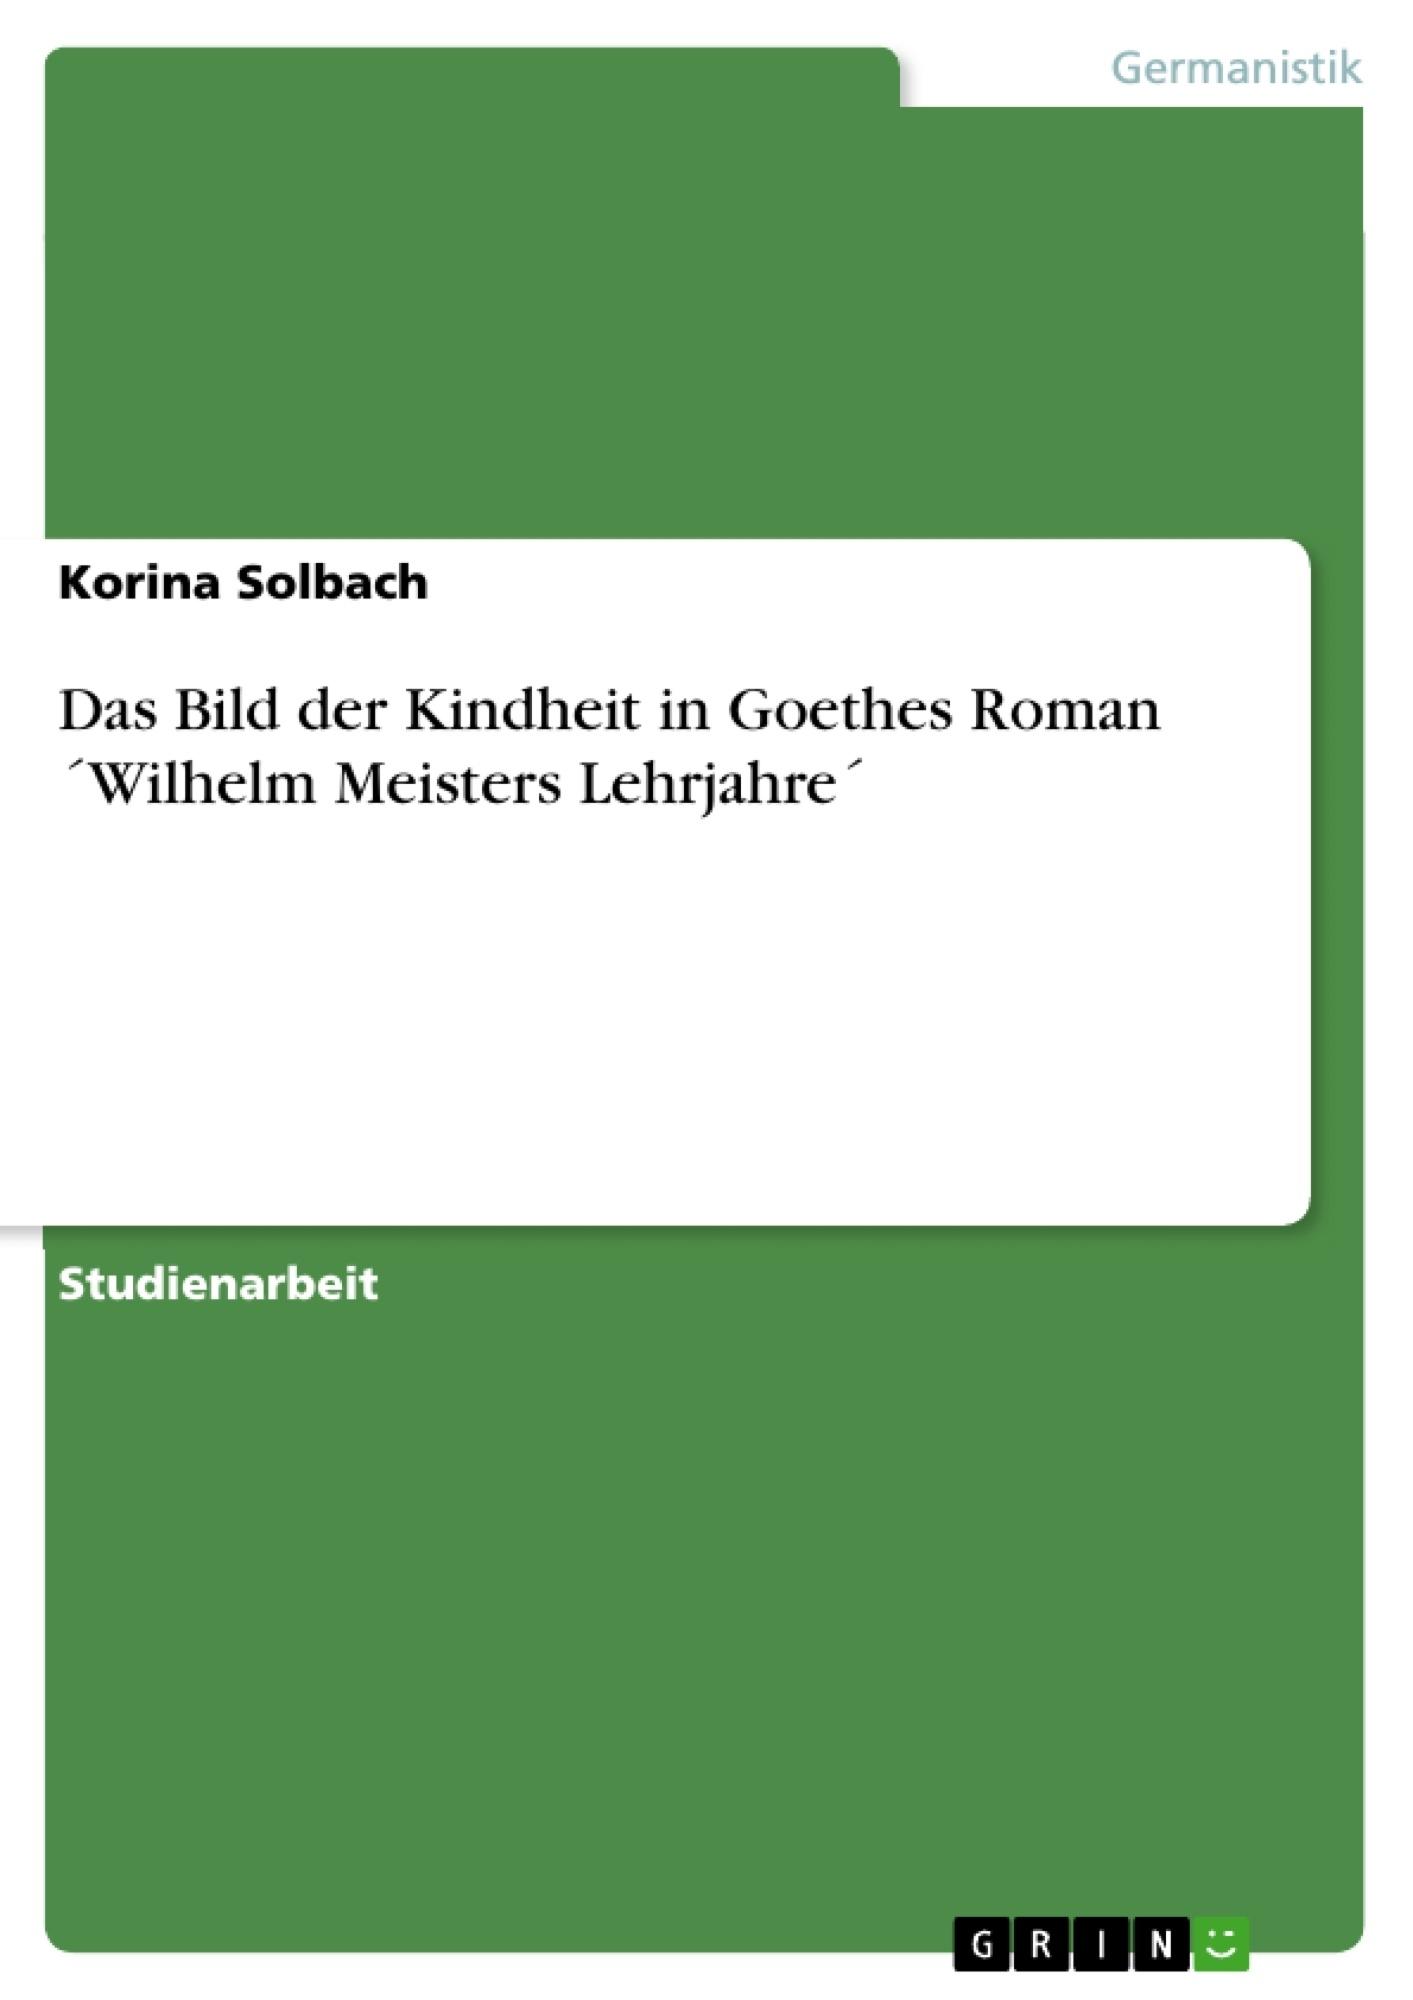 Titel: Das Bild der Kindheit in Goethes Roman ´Wilhelm Meisters Lehrjahre´